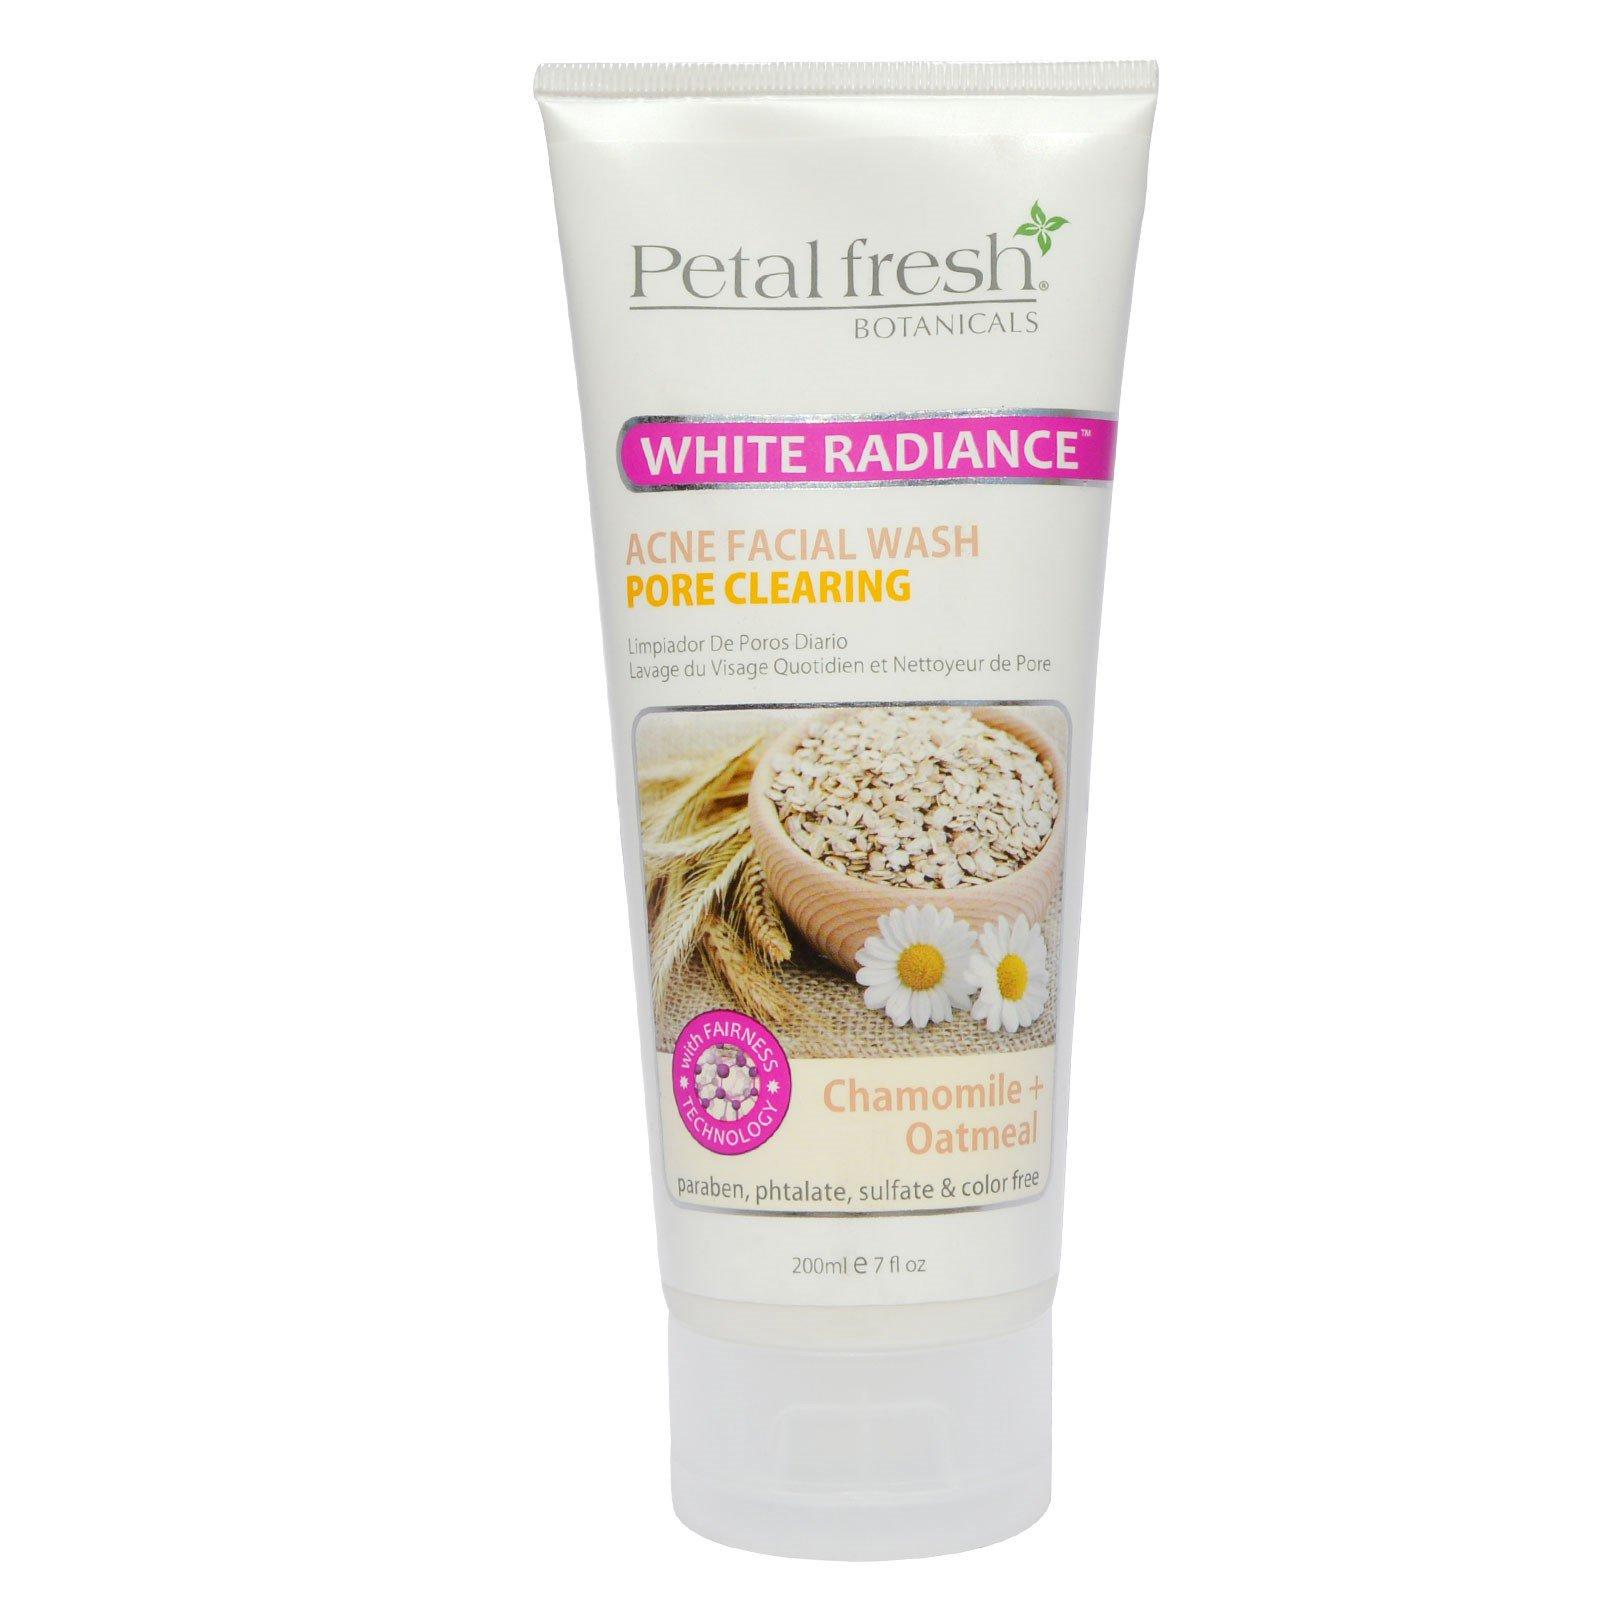 Petal Fresh, Botanicals Whitening Oatmeal & Chamomile Acne Facial Wash, 7.oz